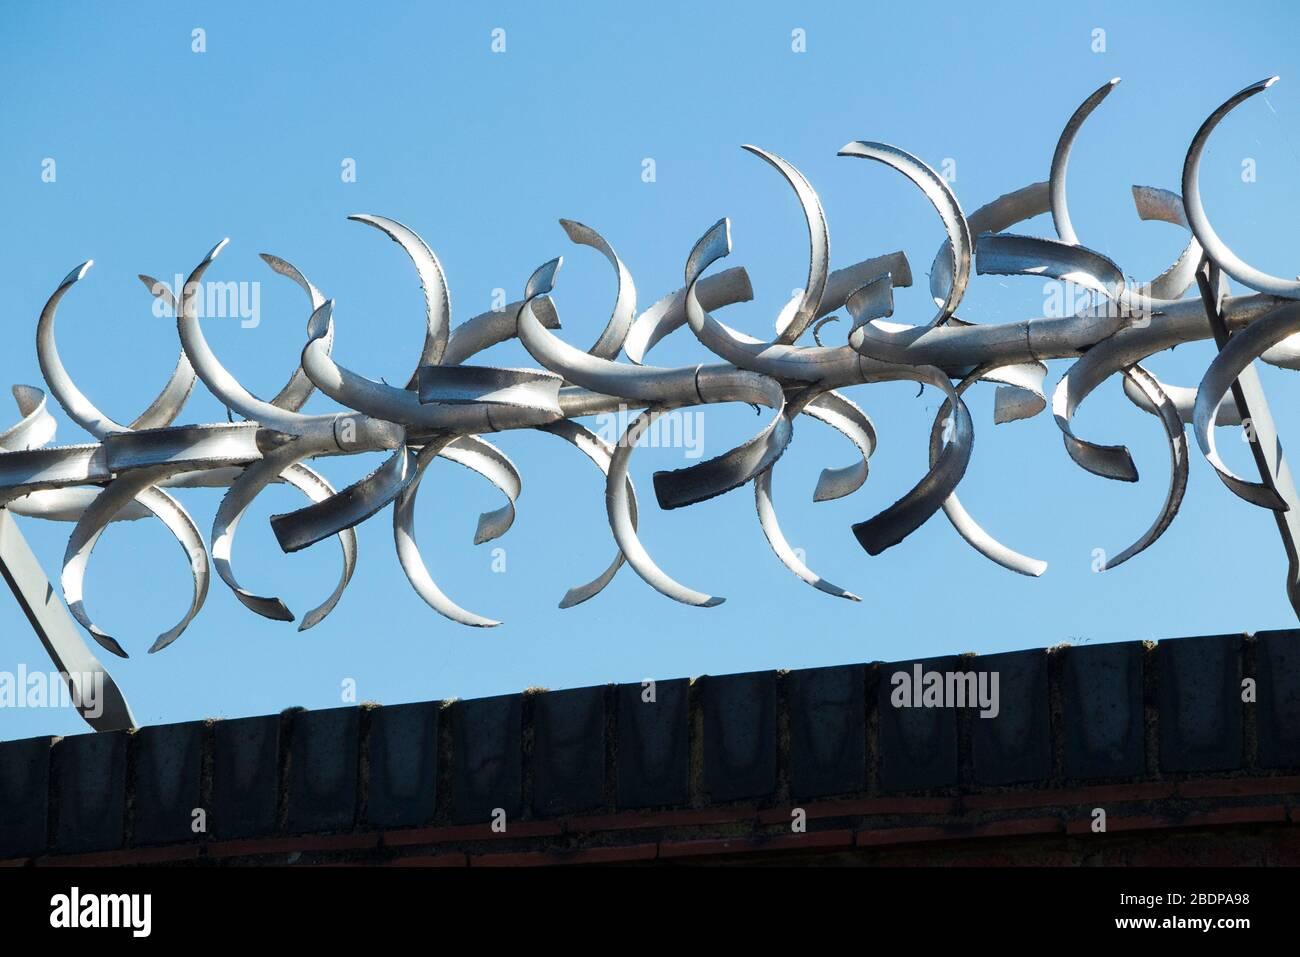 Hohe und hohe Ziegelwand mit moderner drehbarer Sicherheitsbarriere mit gebogenen Stachelschwanen/Rasiermesserkanten auf der Oberseite, für Sicherheitszwecke. (116) Stockfoto